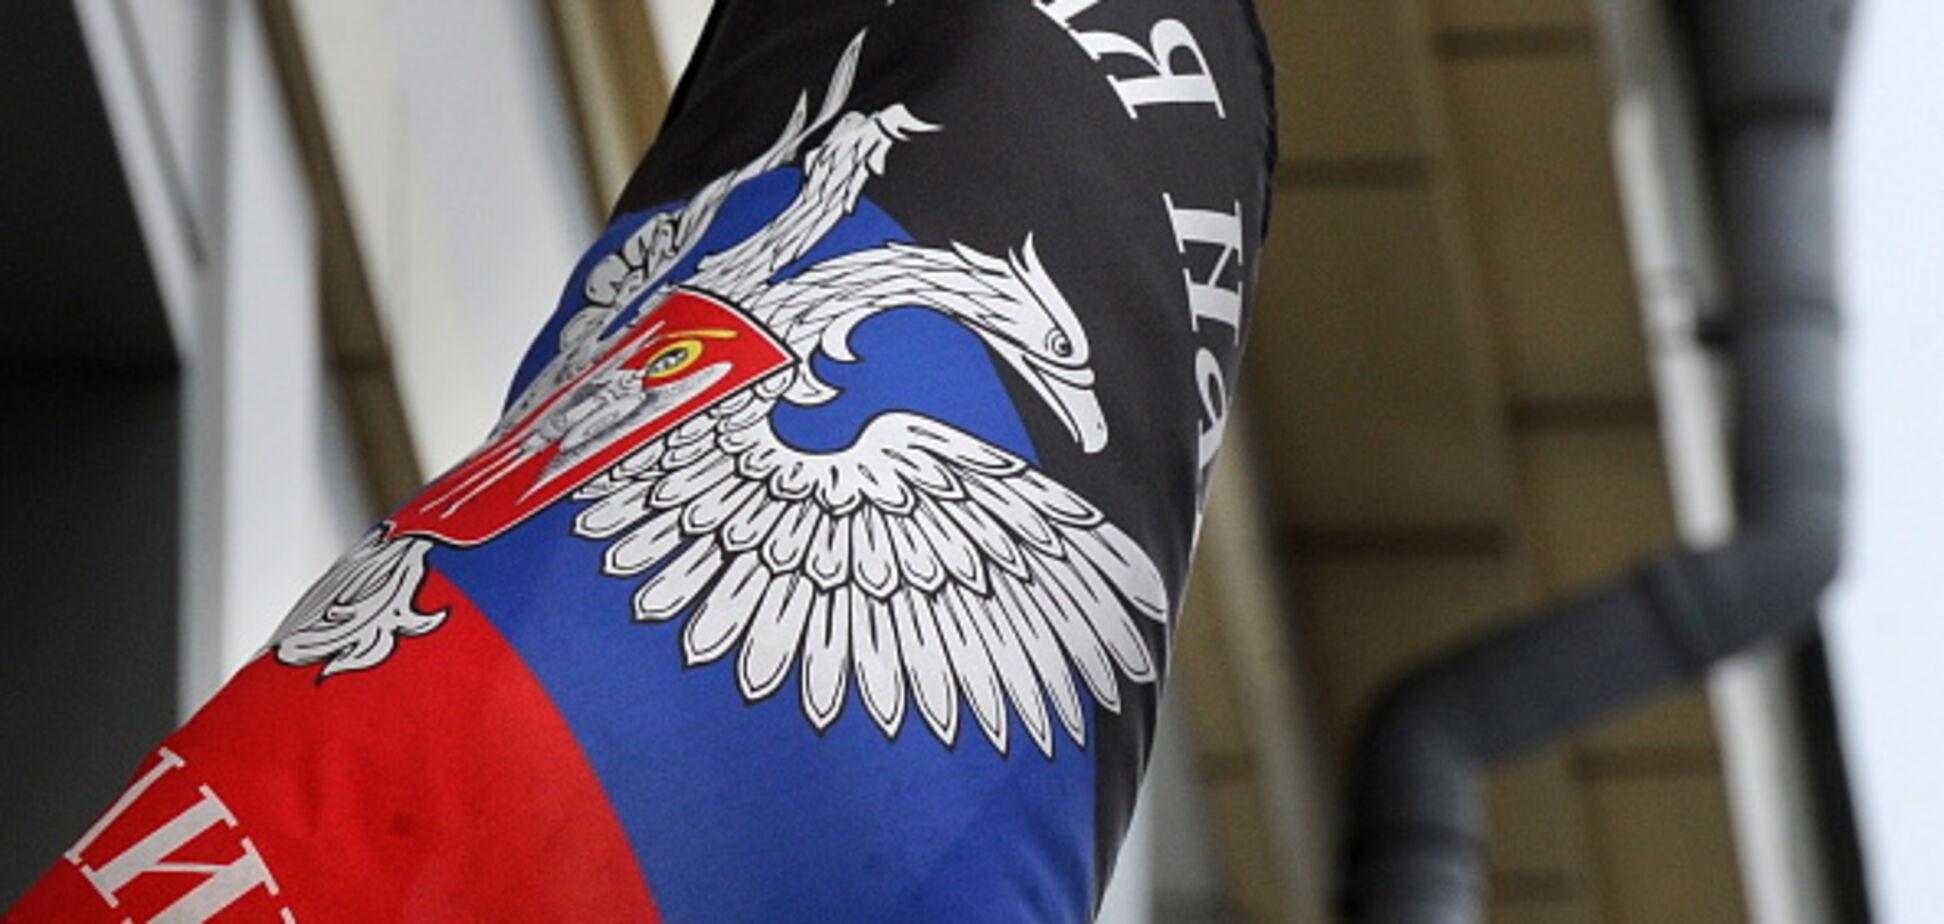 'Исключительная мера': в 'ДНР' вынесли смертный приговор